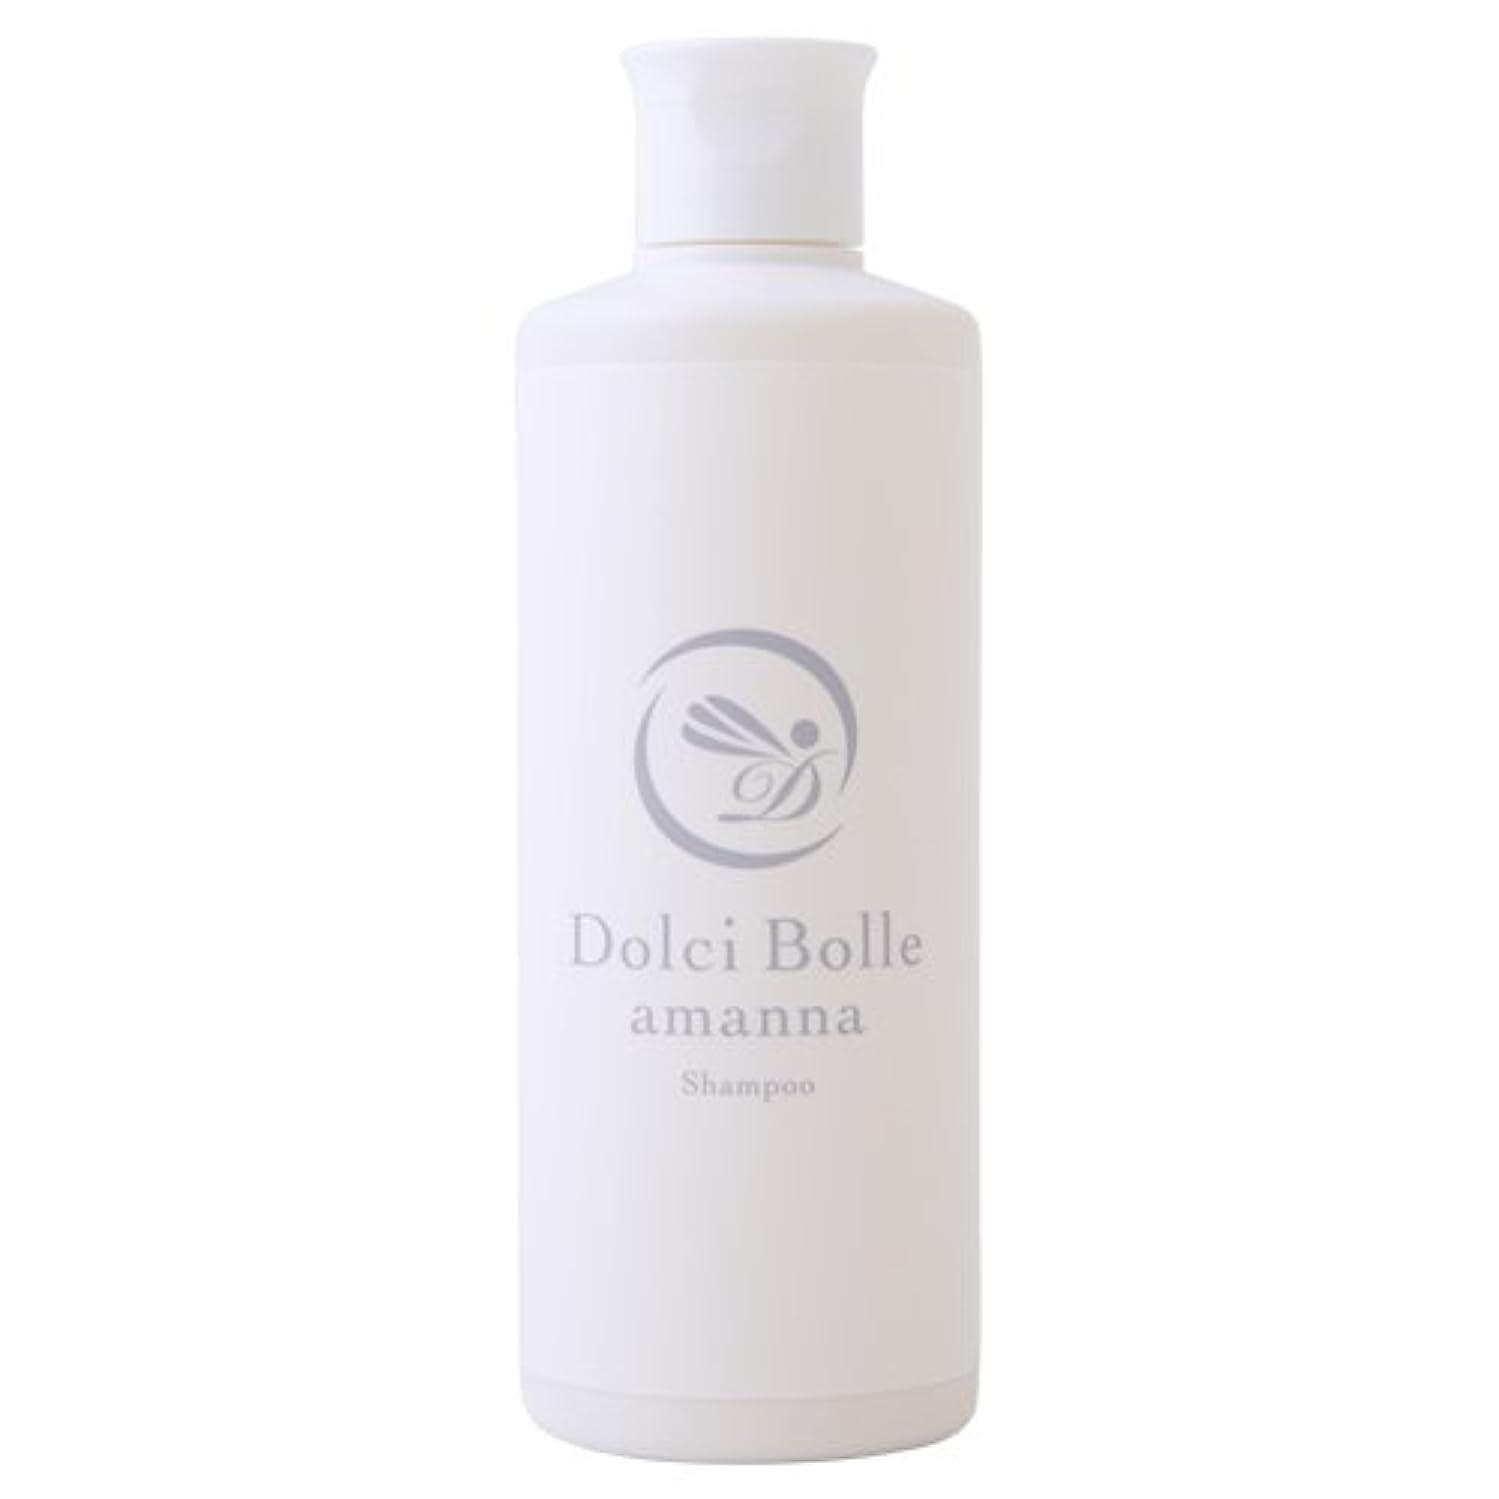 感謝ブリーフケース方言Dolci Bolle(ドルチボーレ) amanna(アマンナ) シャンプー 300ml